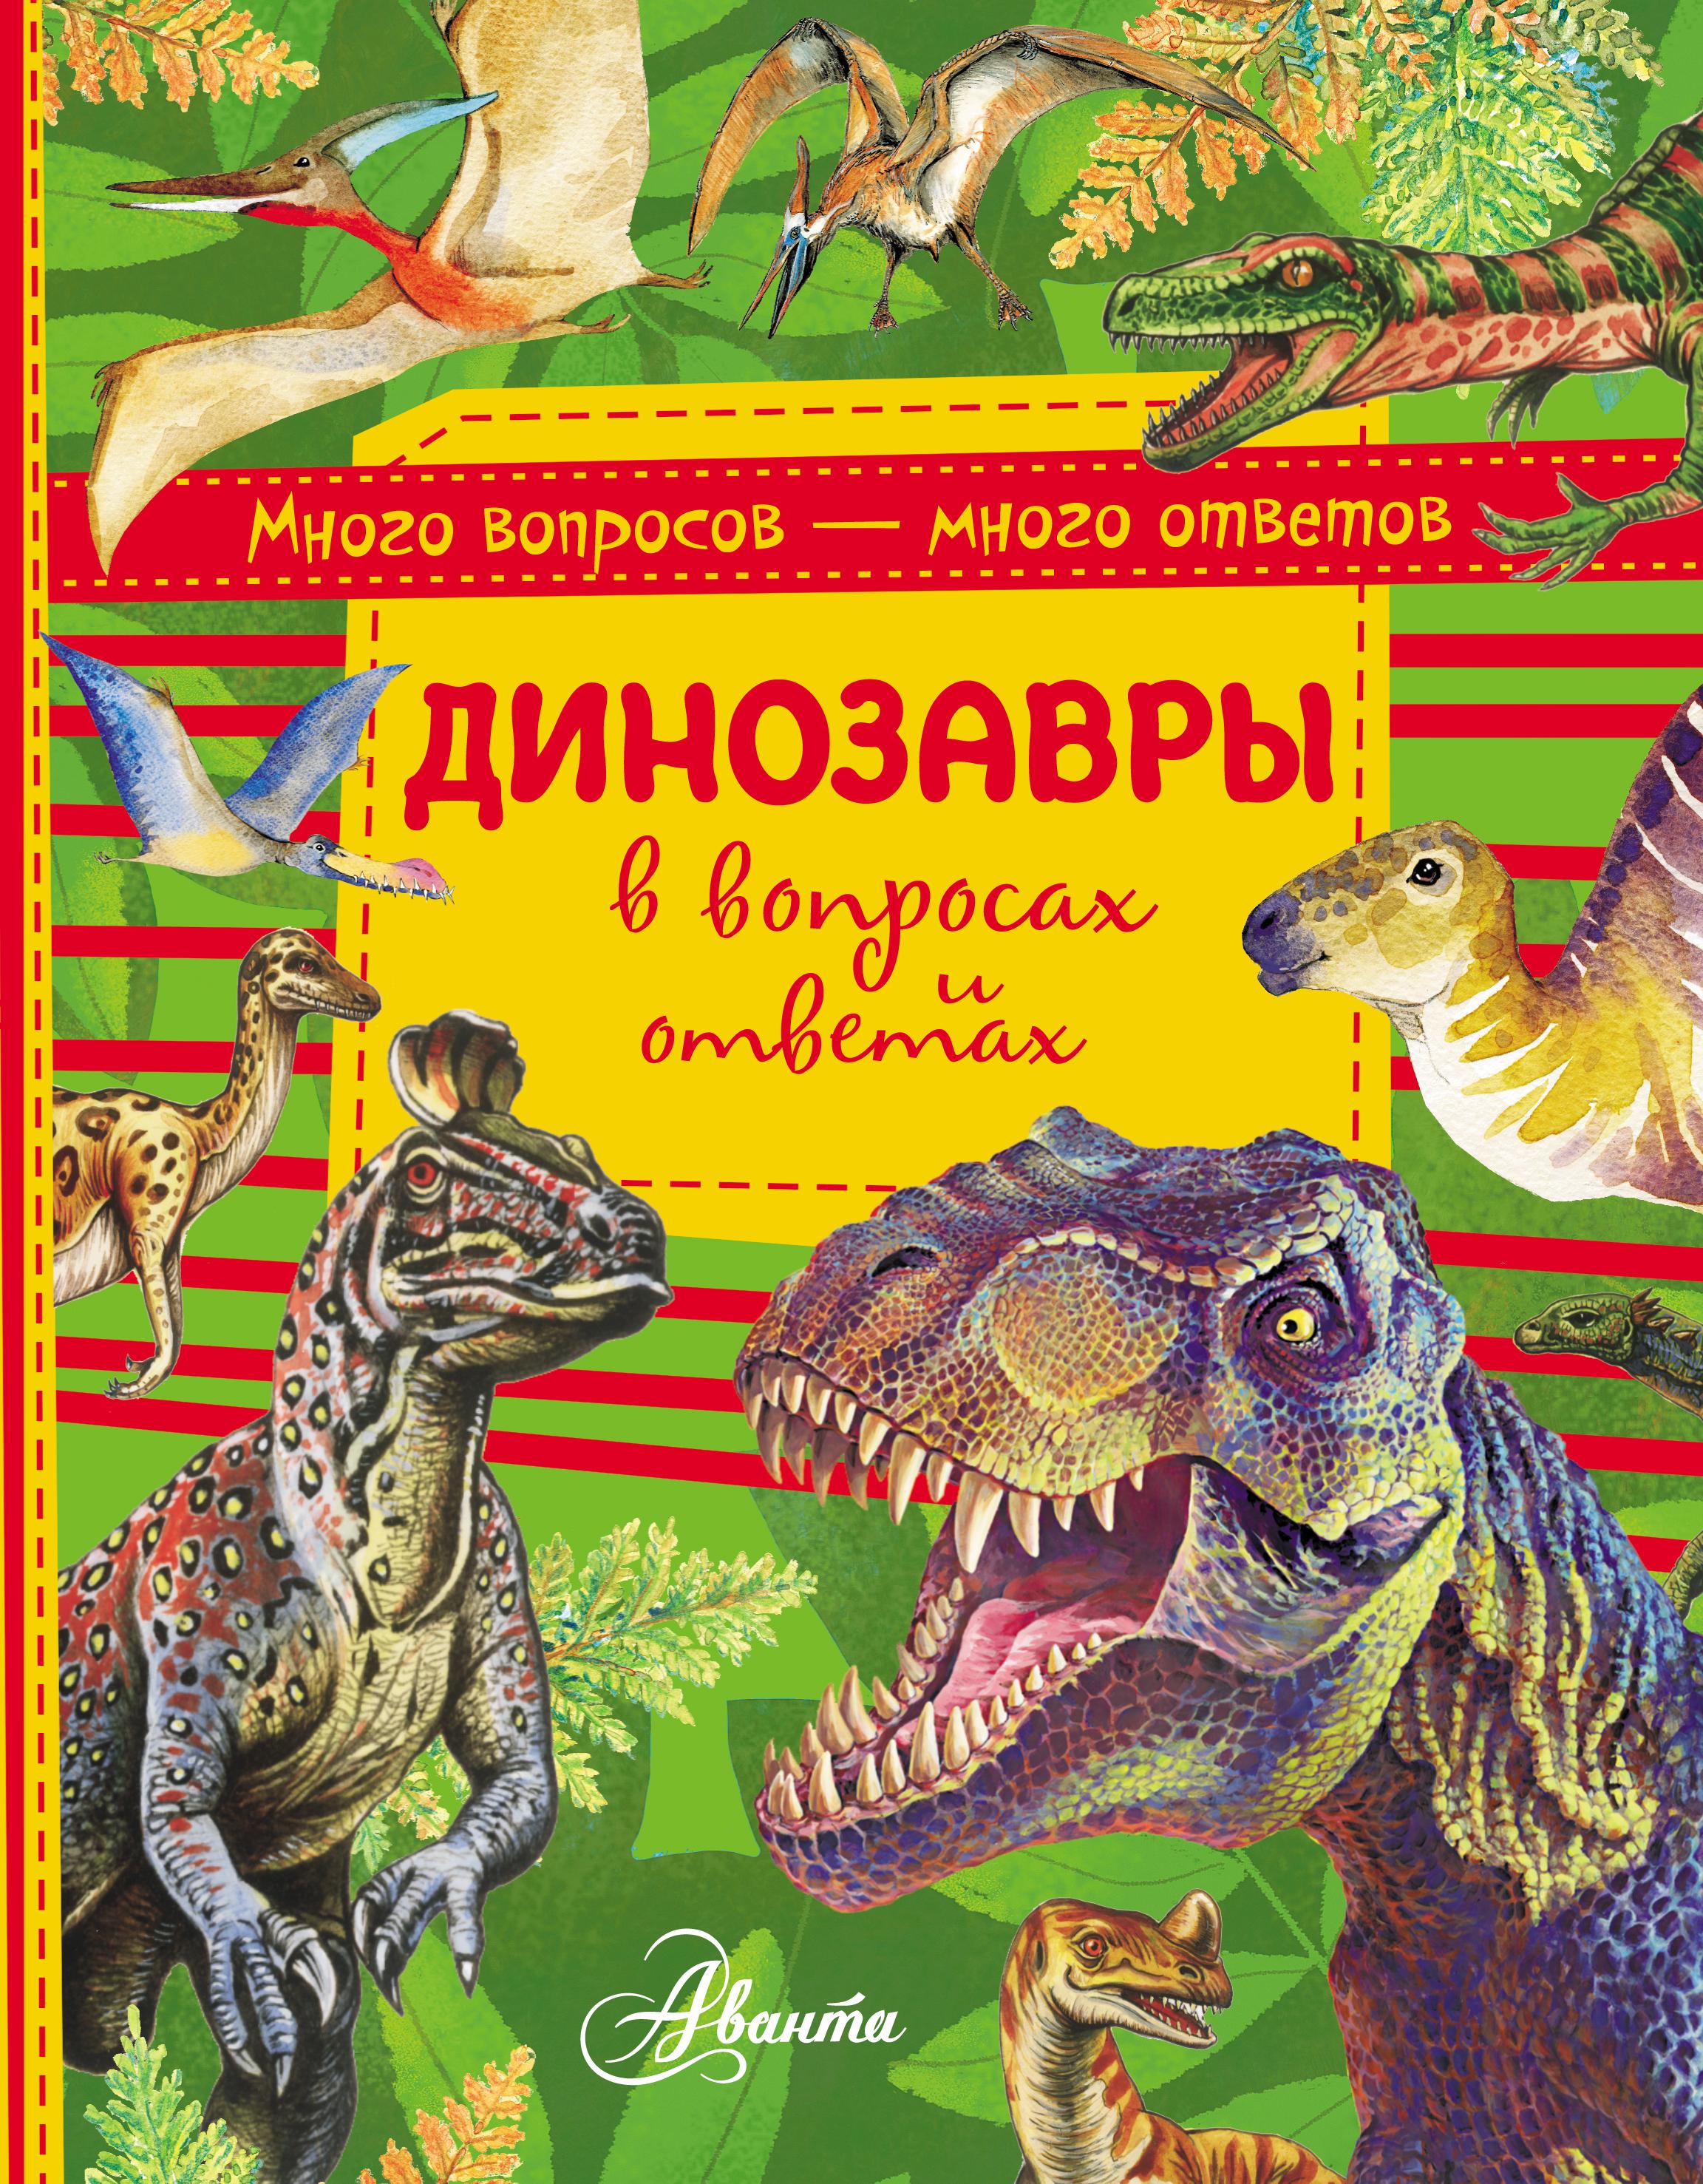 Виктор Громов Динозавры в вопросах и ответах петренко в дерюгин е самодиагностика в вопросах и ответах